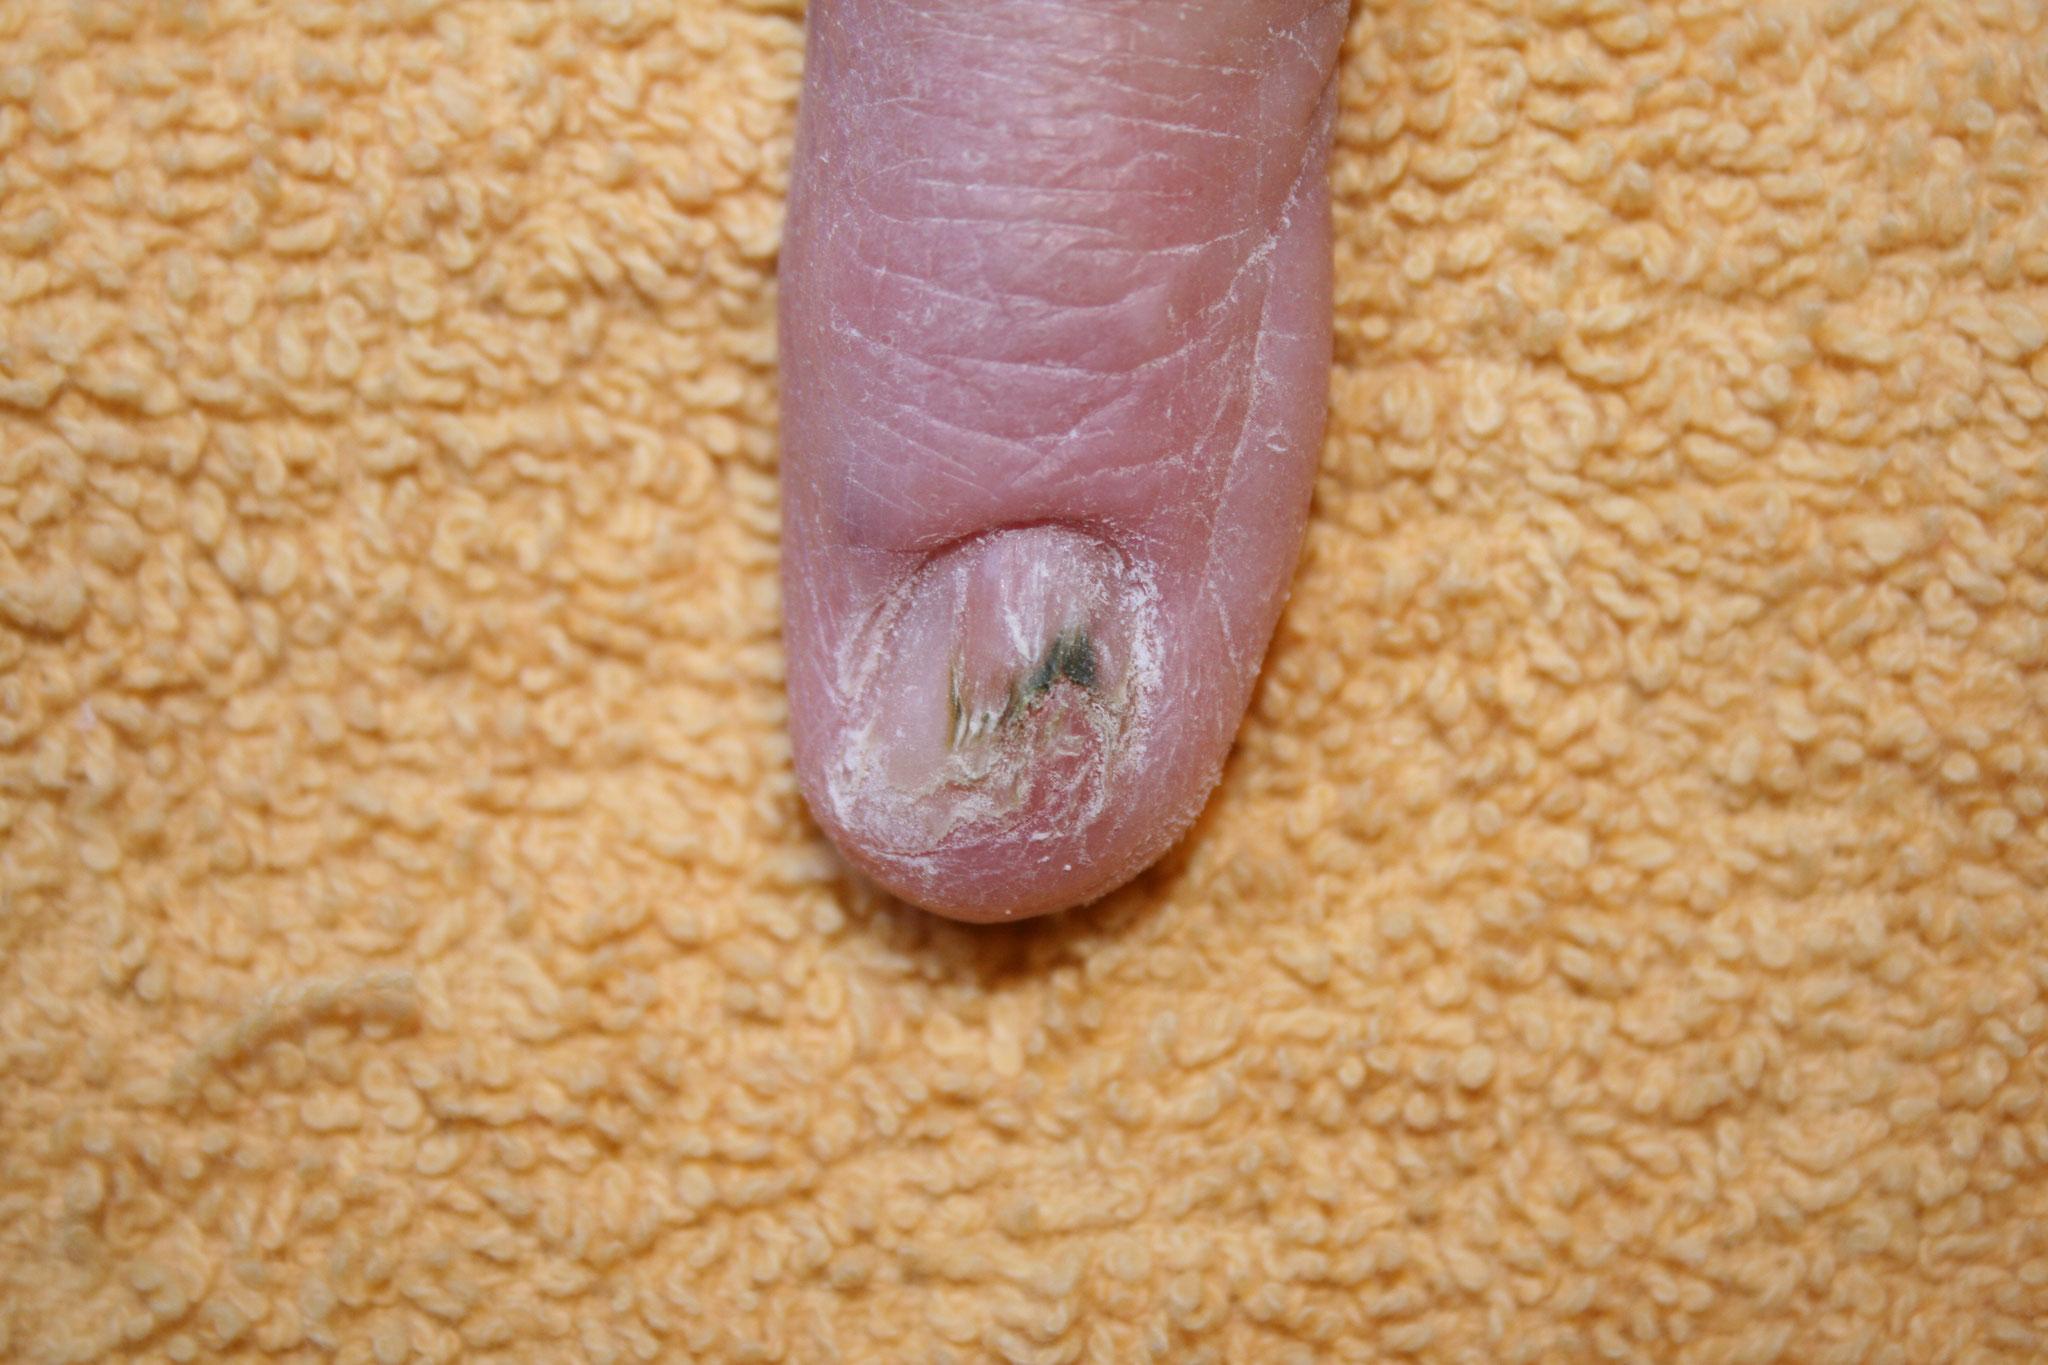 nach Unfall zerstörter Nagel - vorher